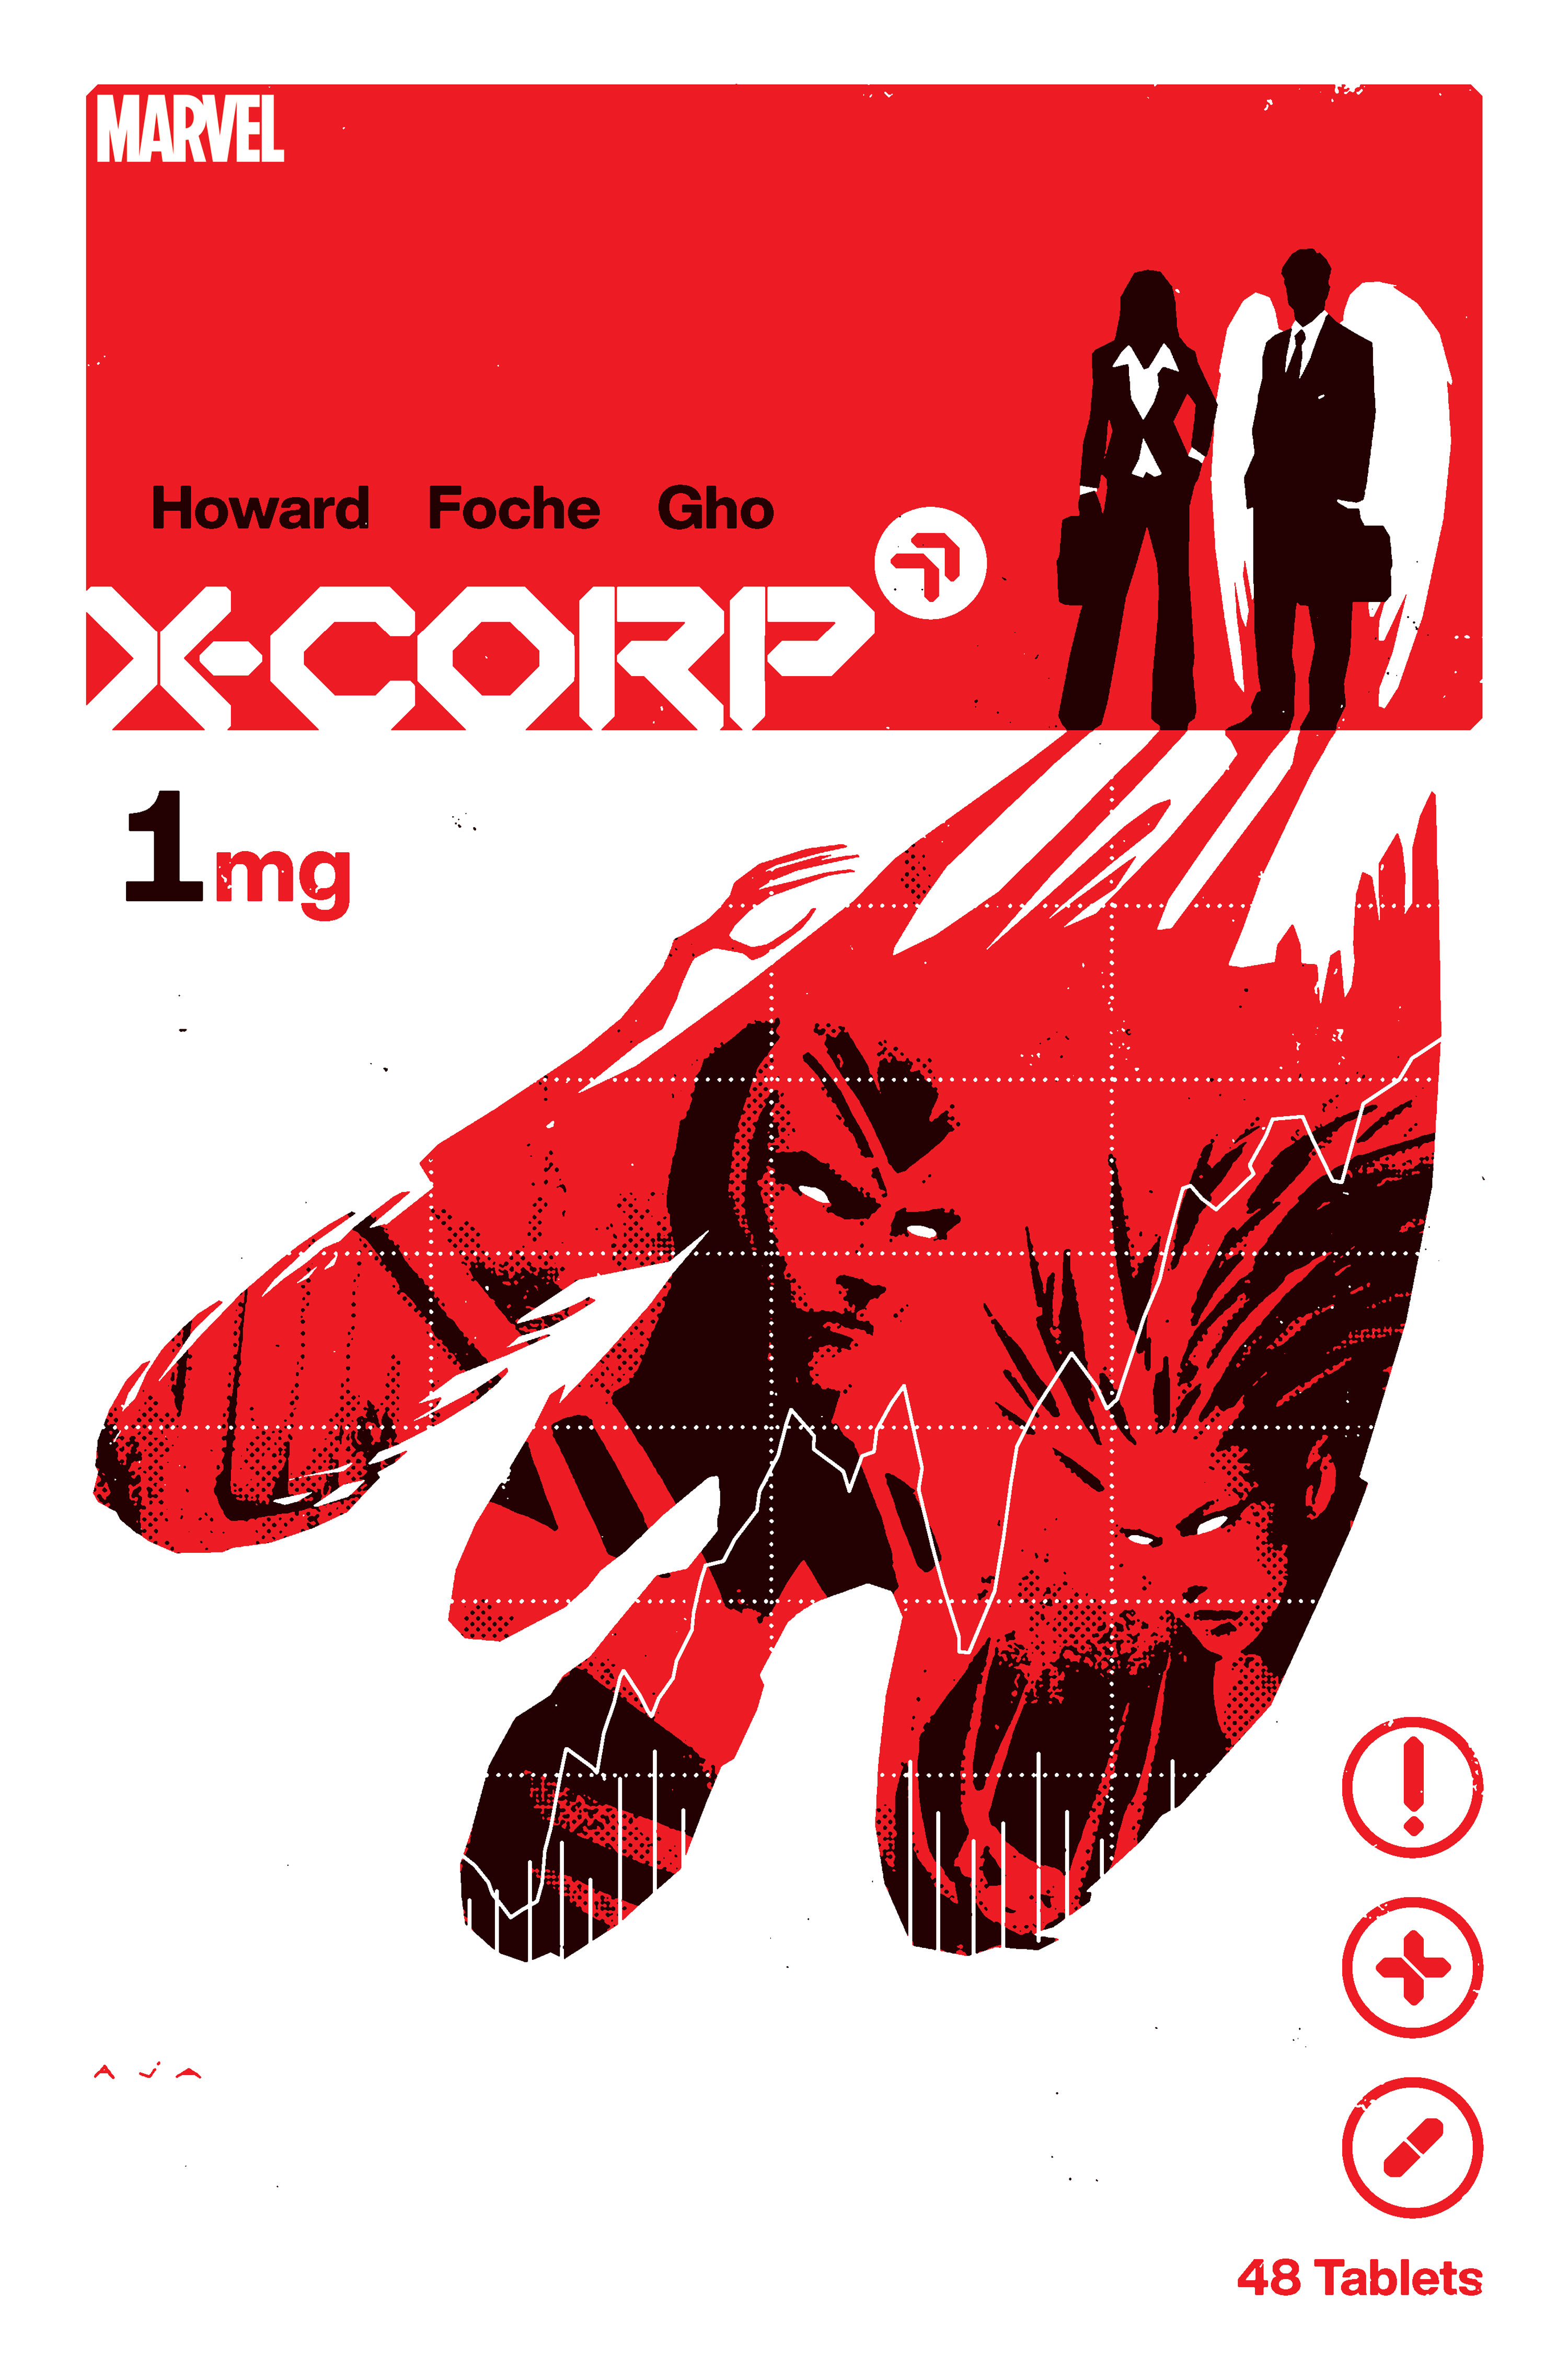 X-Corp